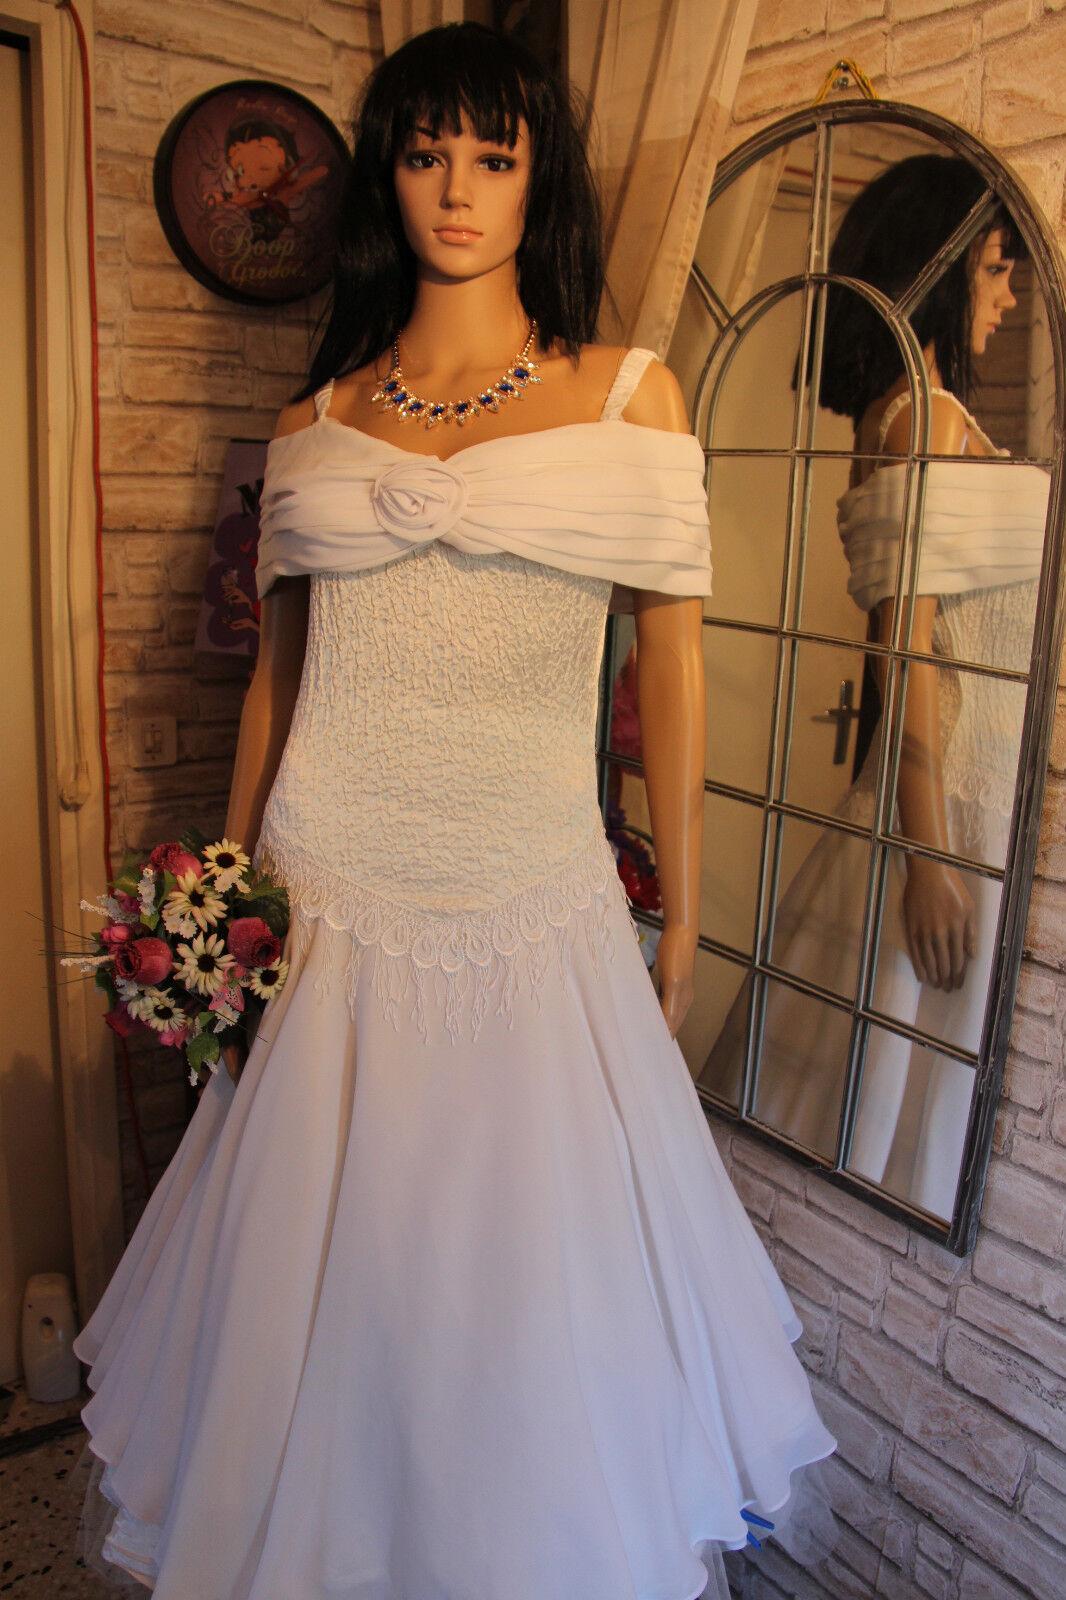 Magnifique robe rohommetique , ceremonie  mariage ,soirèe ,thèatre  , collection